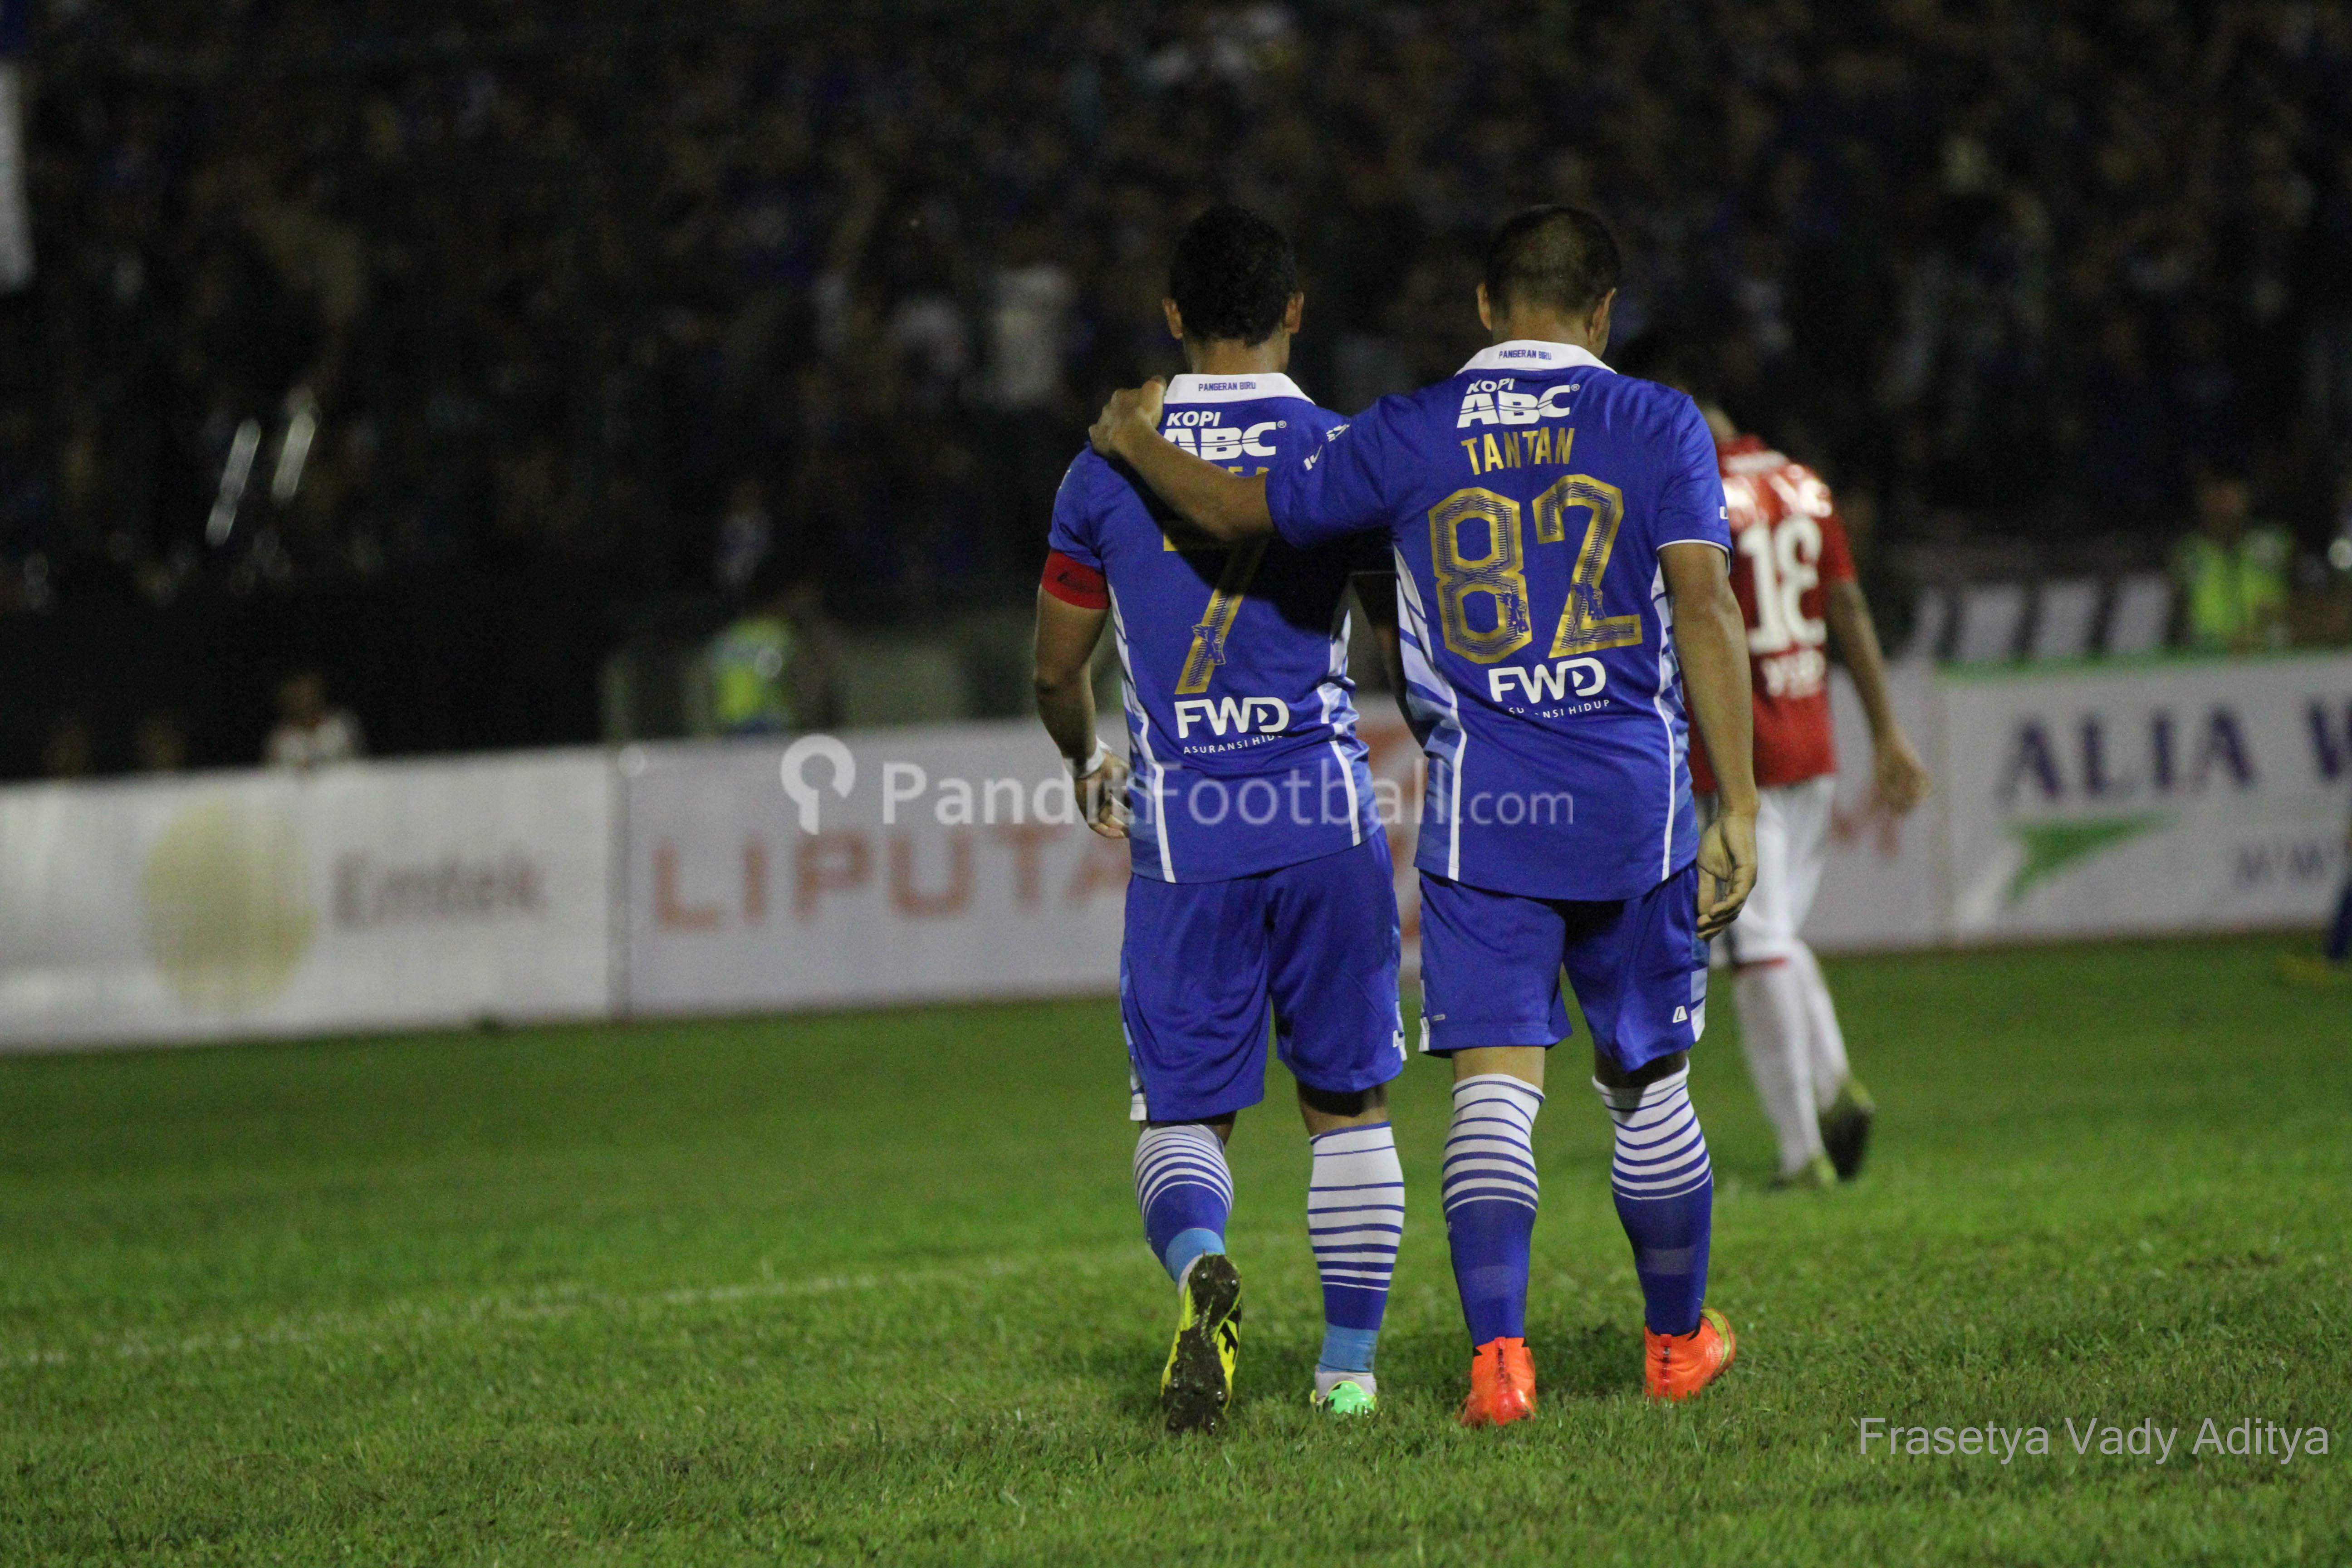 Pertahanan Disiplin Bali United Imbangi Persib yang Kelelahan